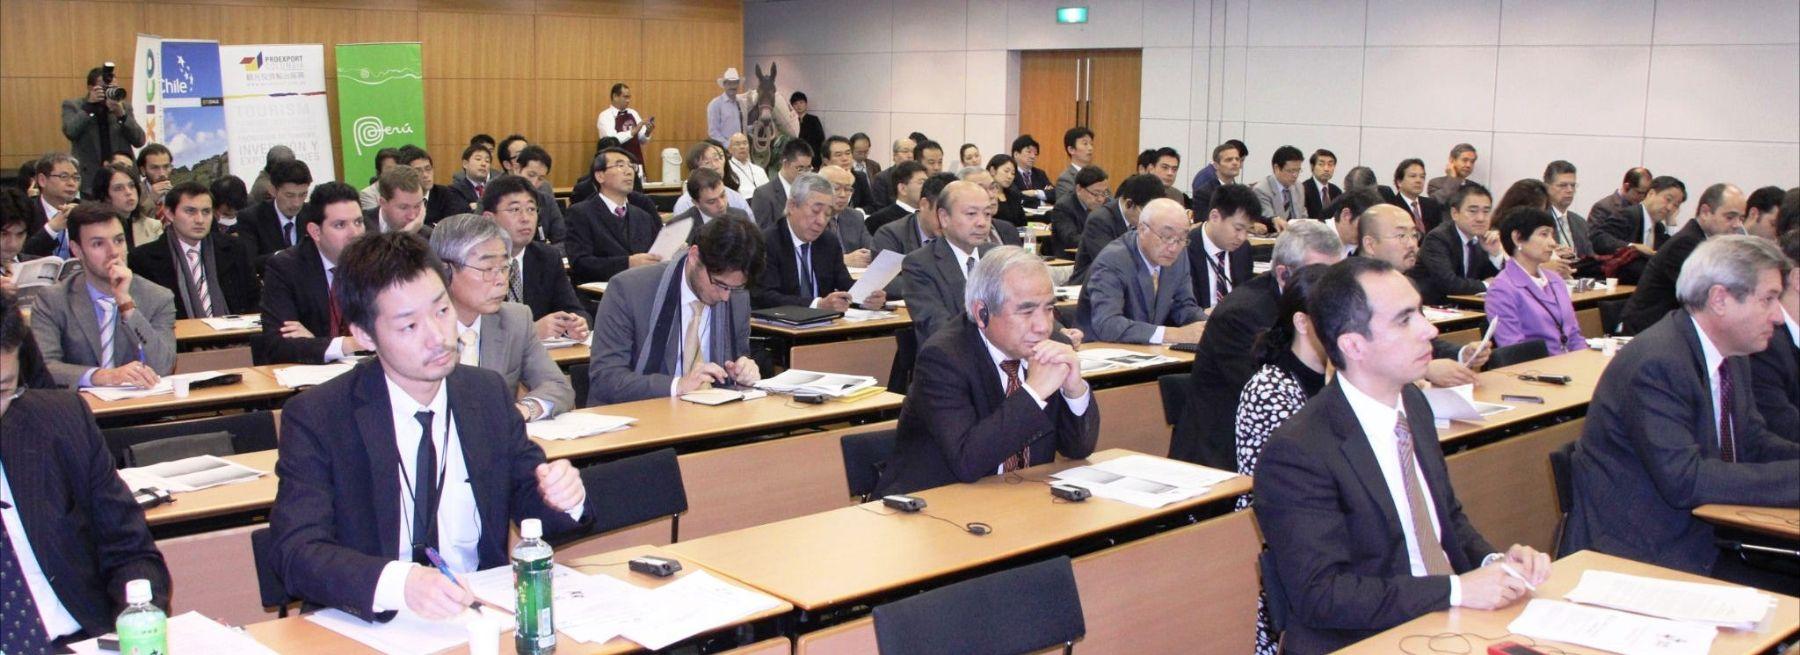 Conferencia La Alianza del Pacífico: Oportunidades para los negocios en Japón, realizada en Tokio.